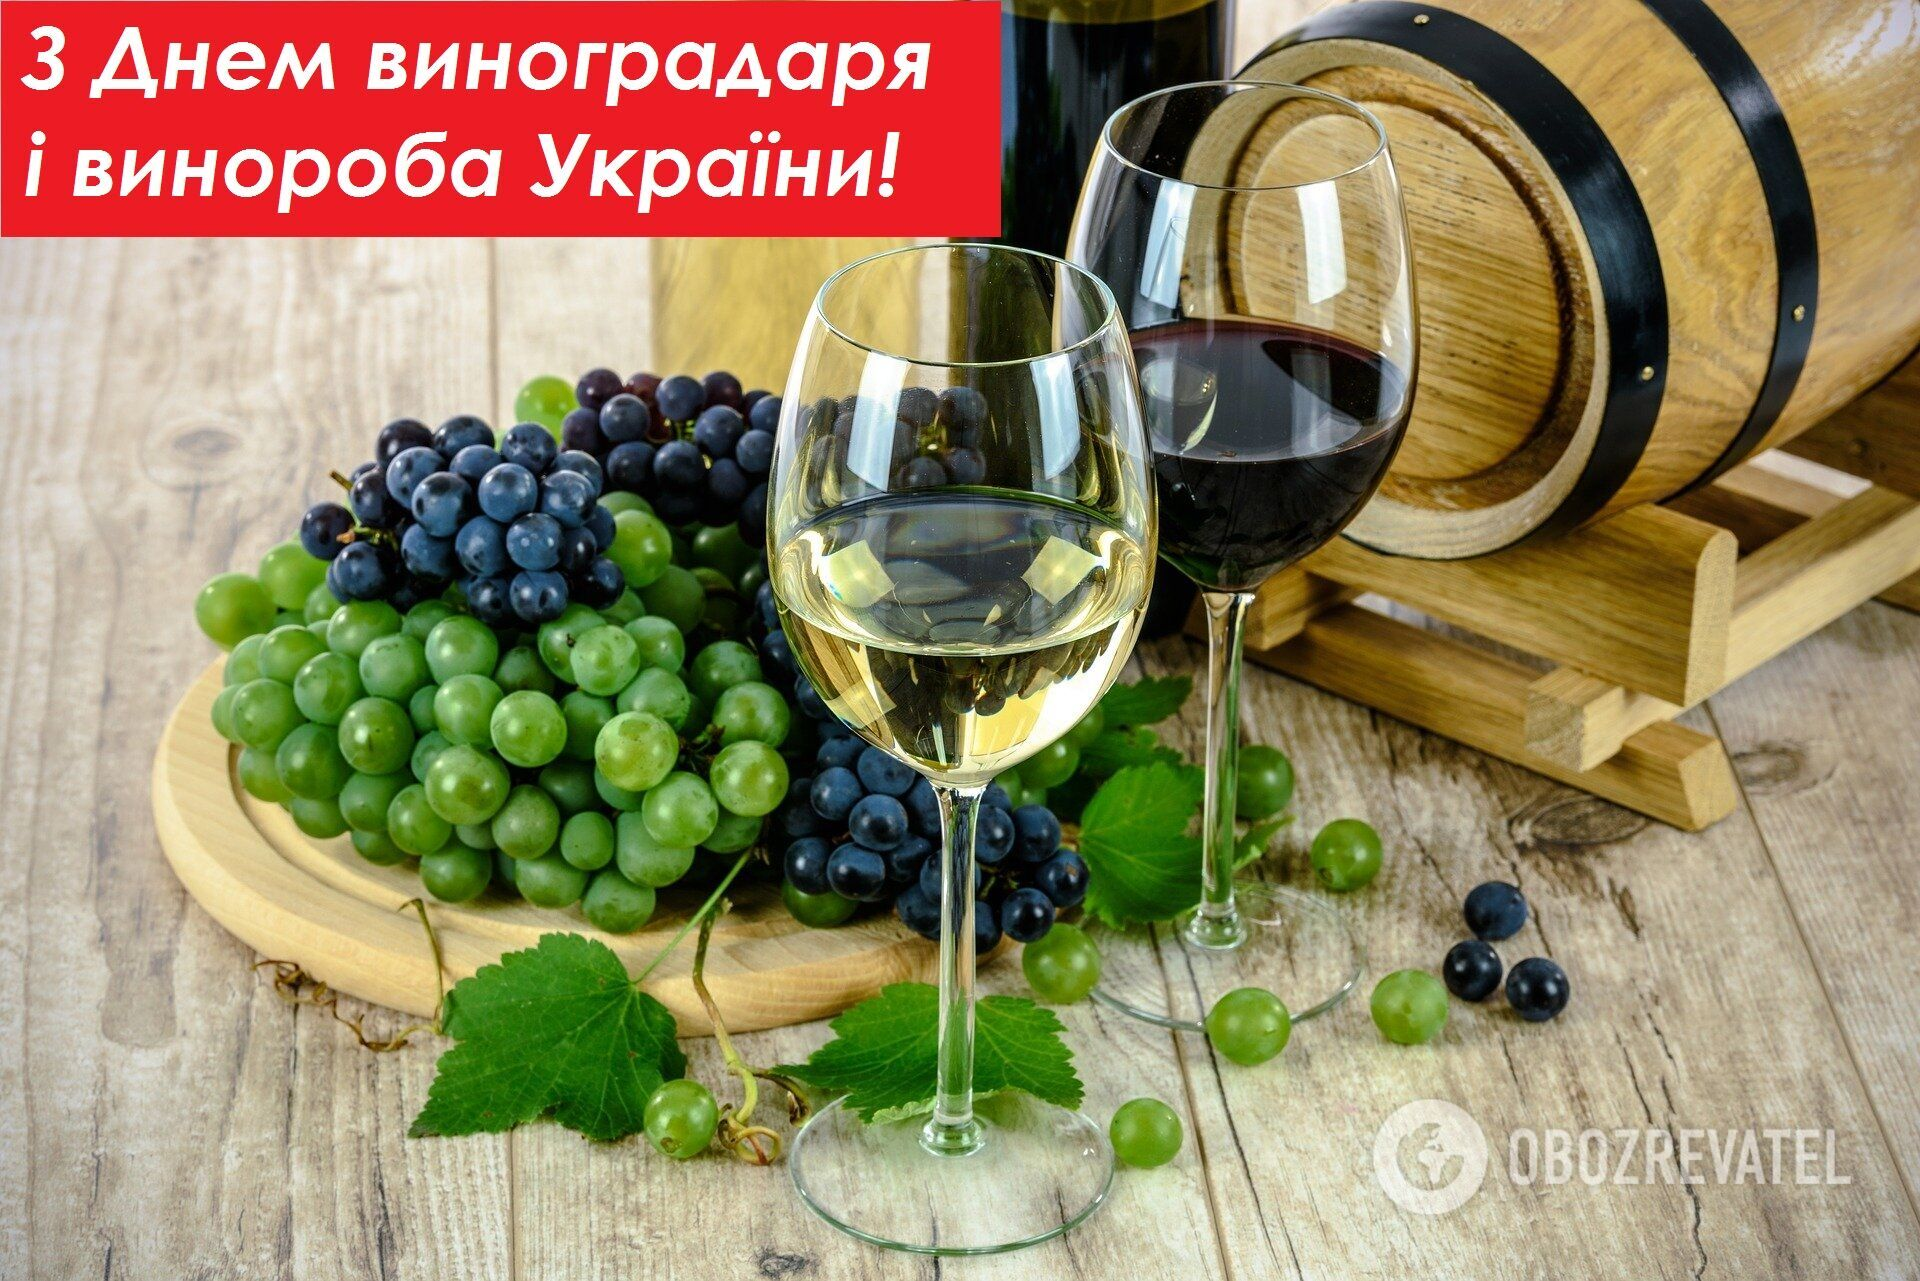 Картинка в День виноградаря и винодела с поздравлениями